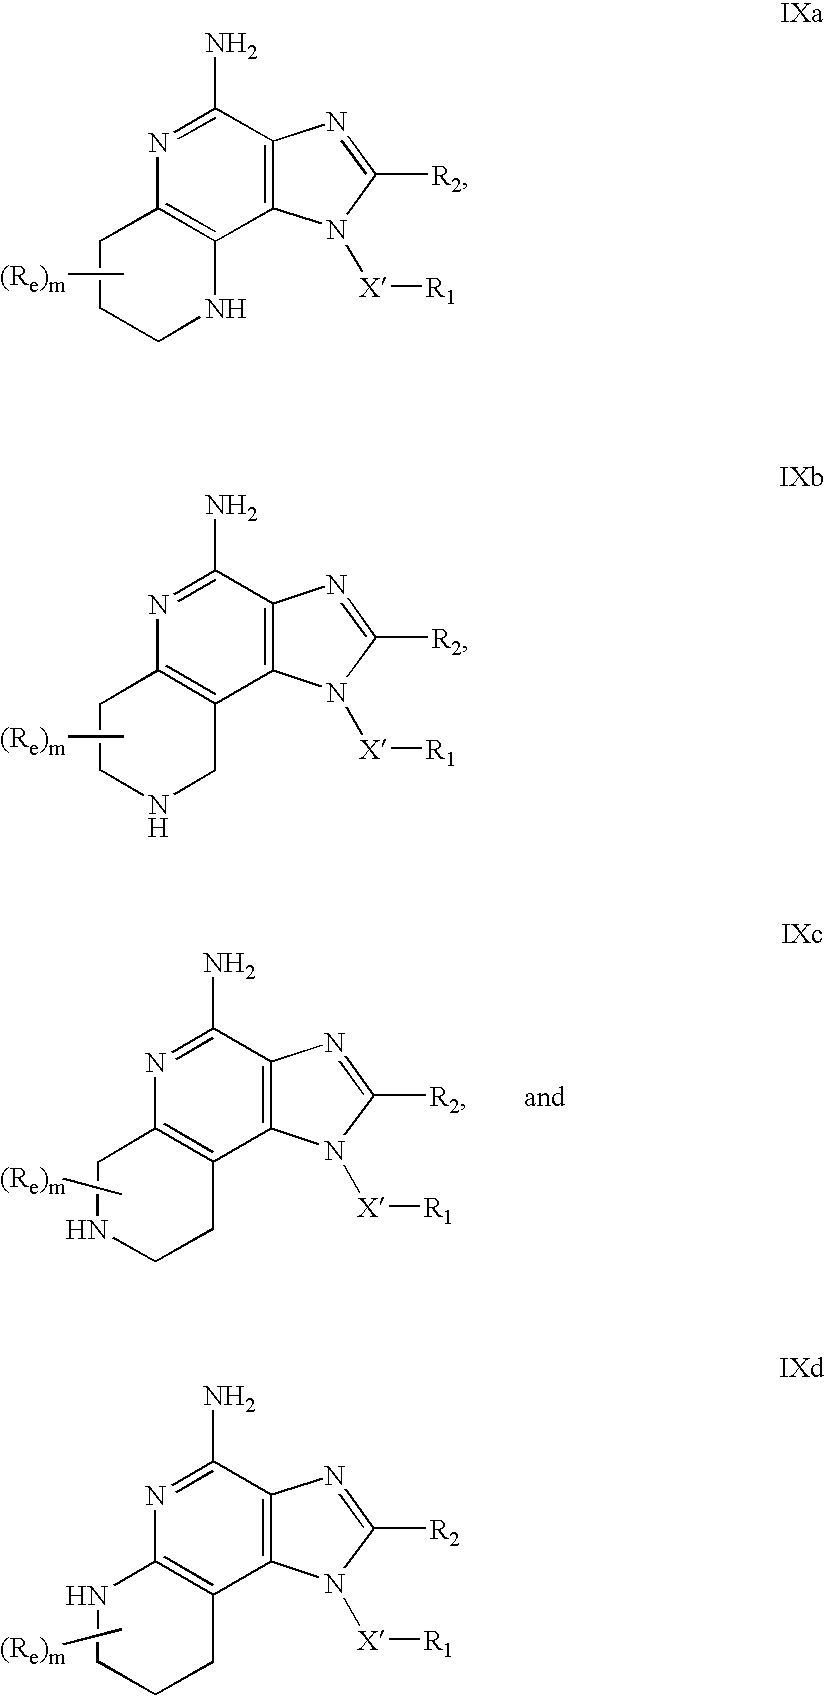 Figure US20070287725A1-20071213-C00175